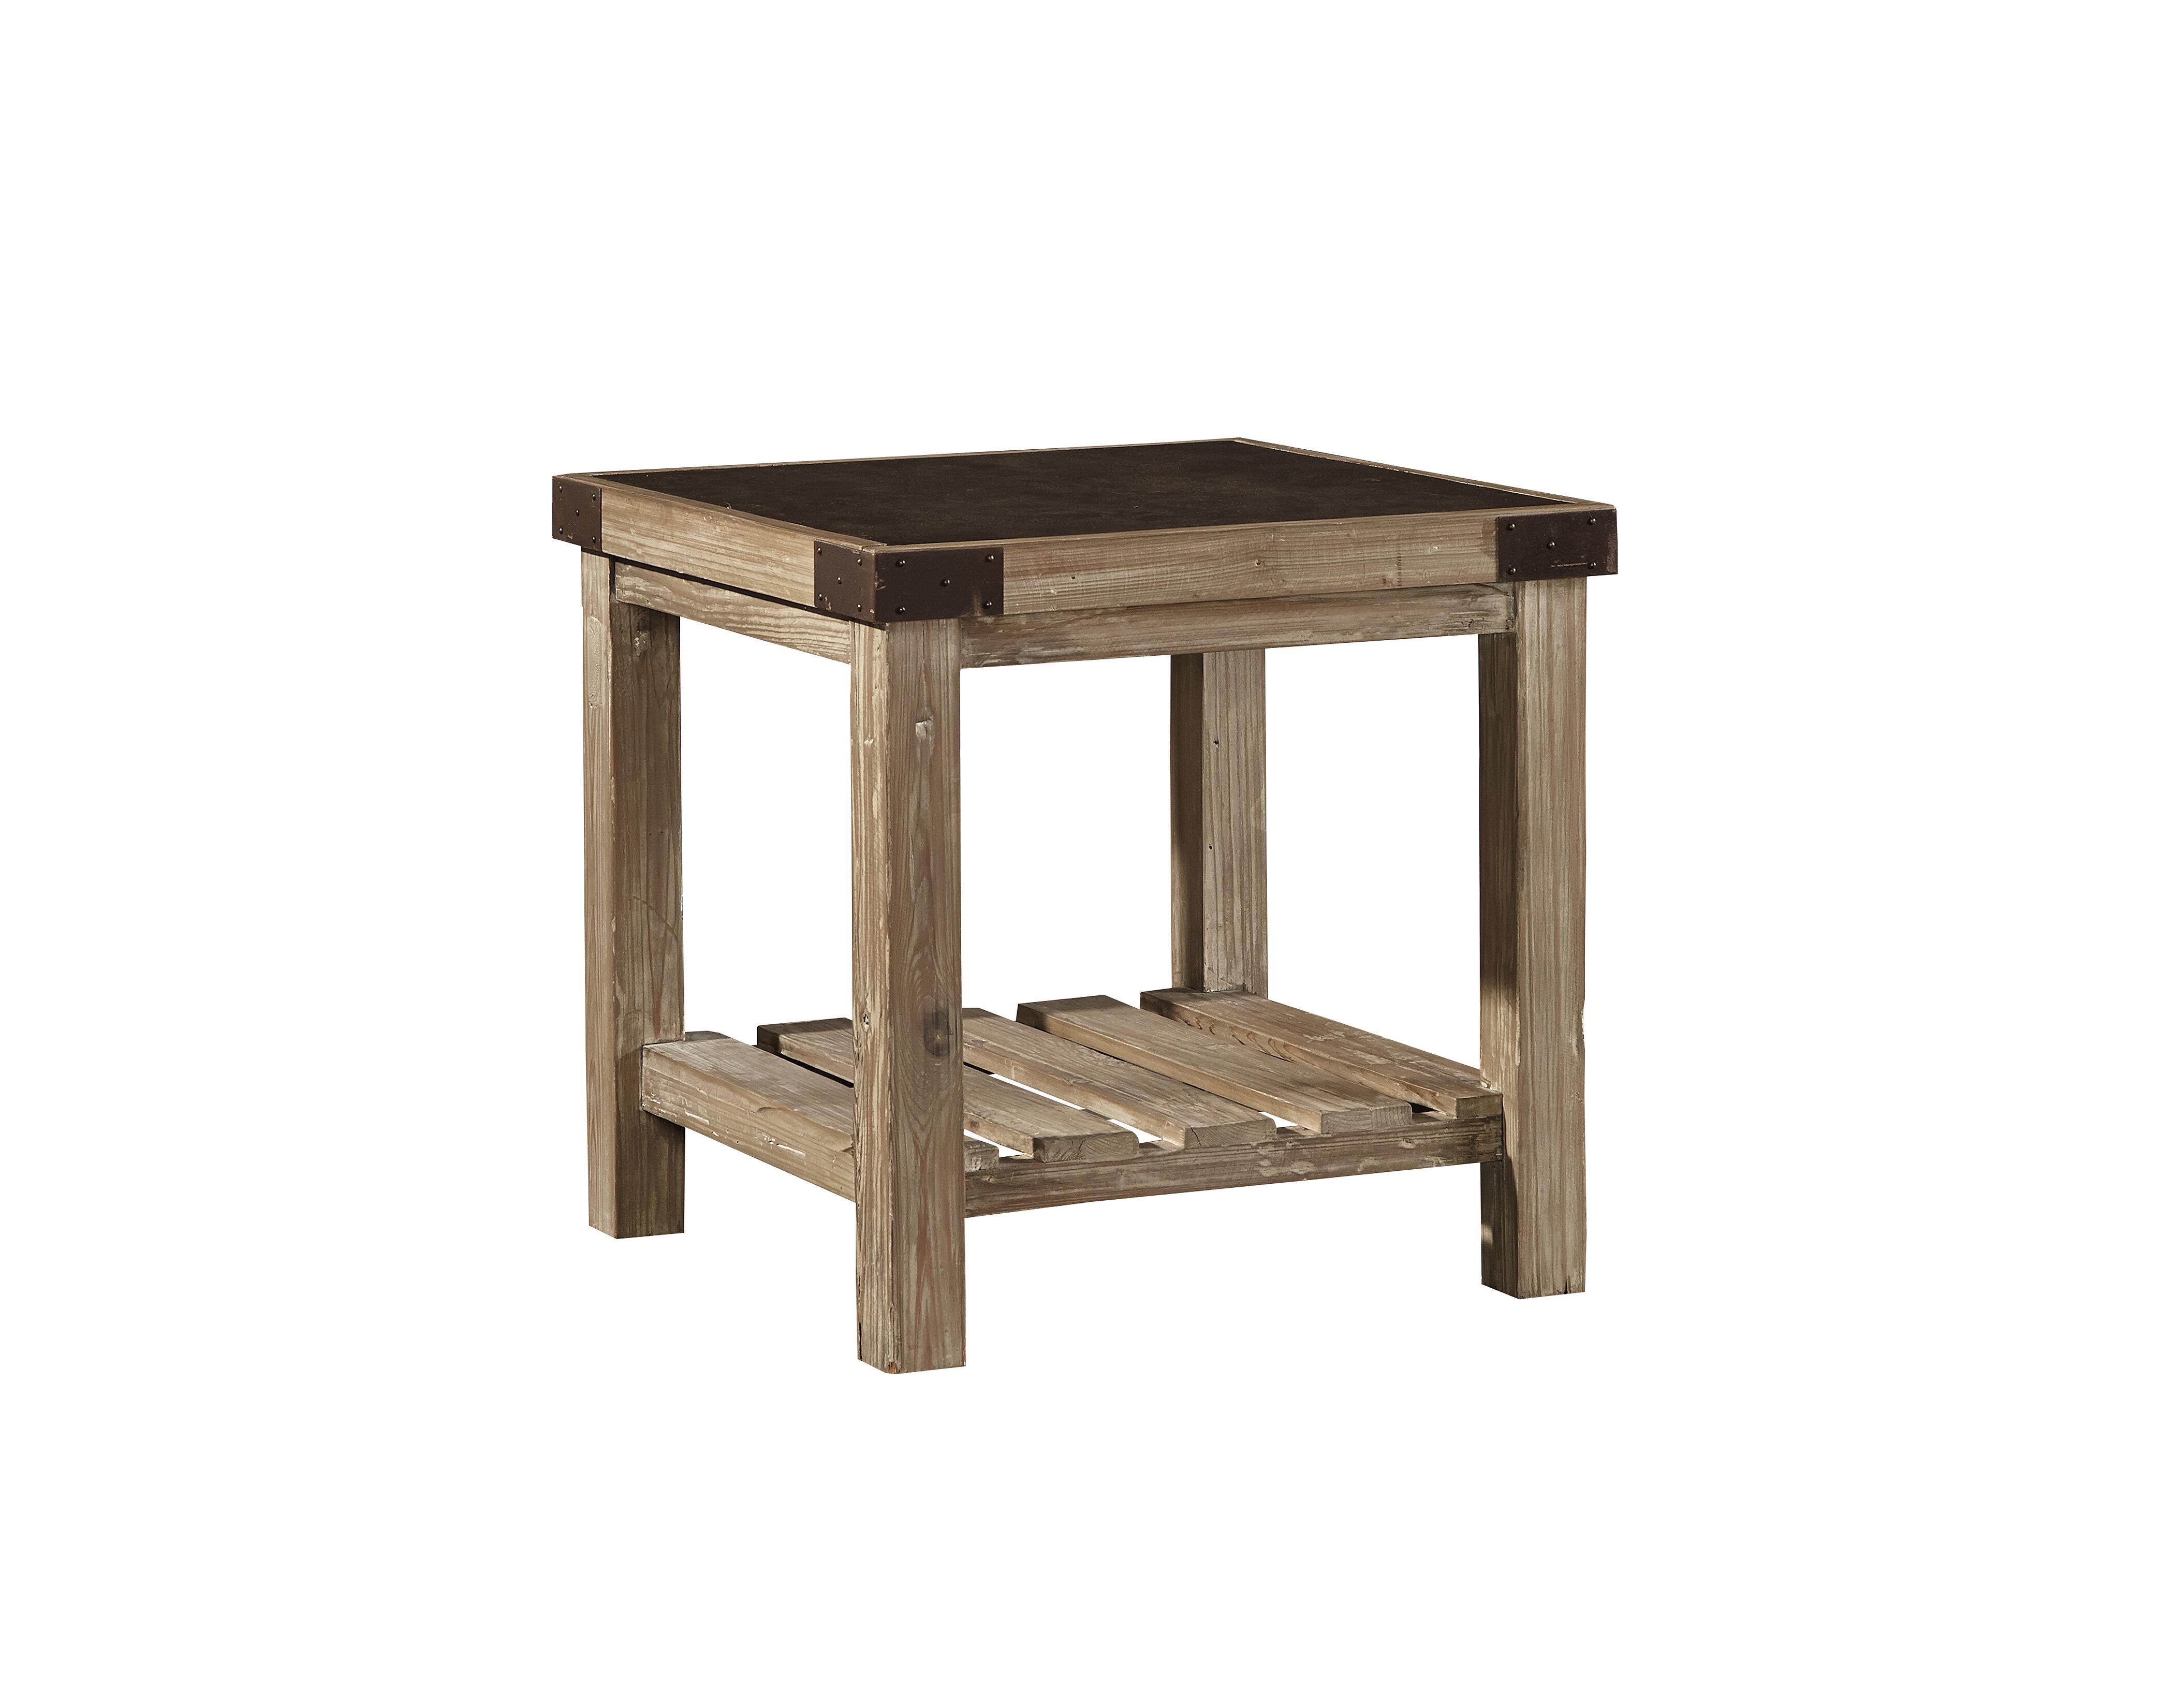 Gracie oaks warnell bluestone top end table wayfair